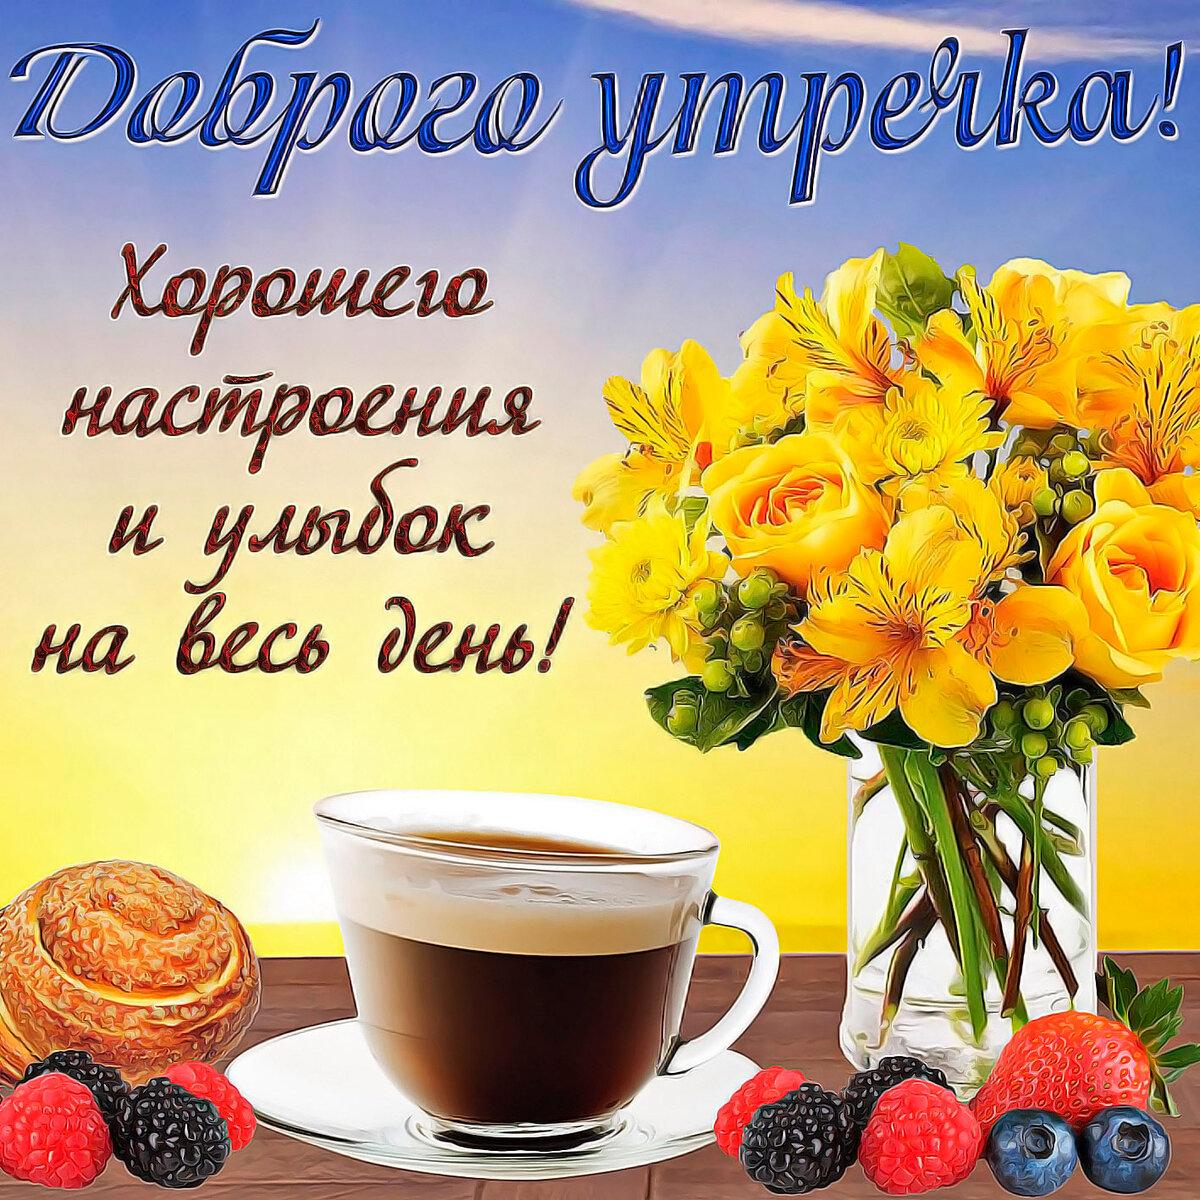 С добрым утром новым днем картинки